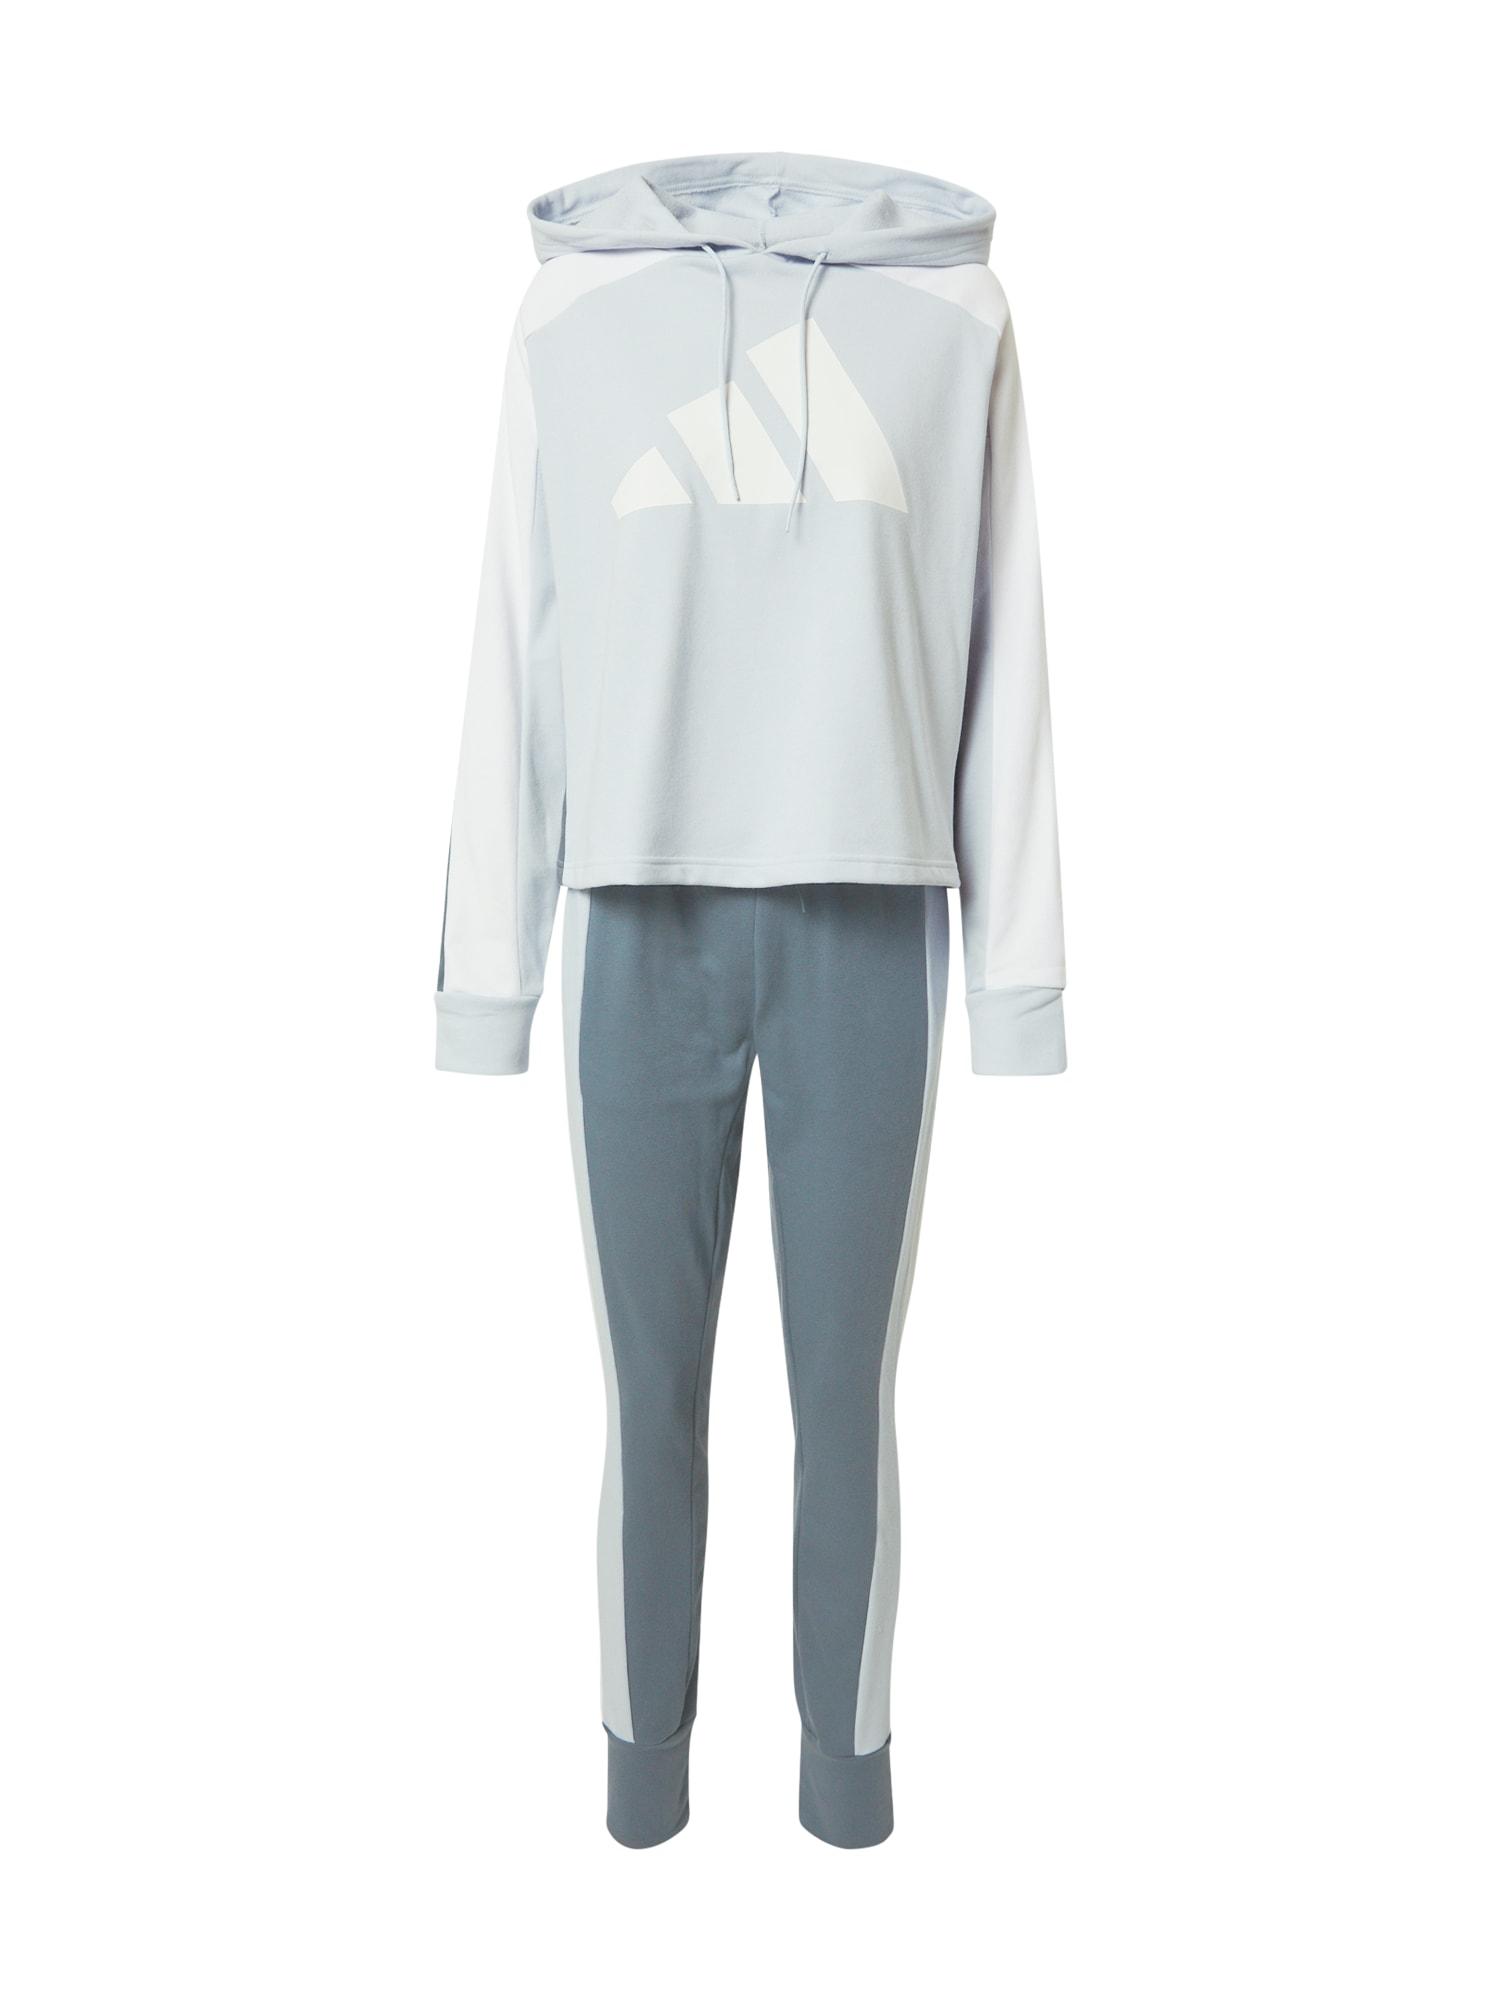 ADIDAS PERFORMANCE Treniruočių kostiumas pastelinė mėlyna / balta / šviesiai mėlyna